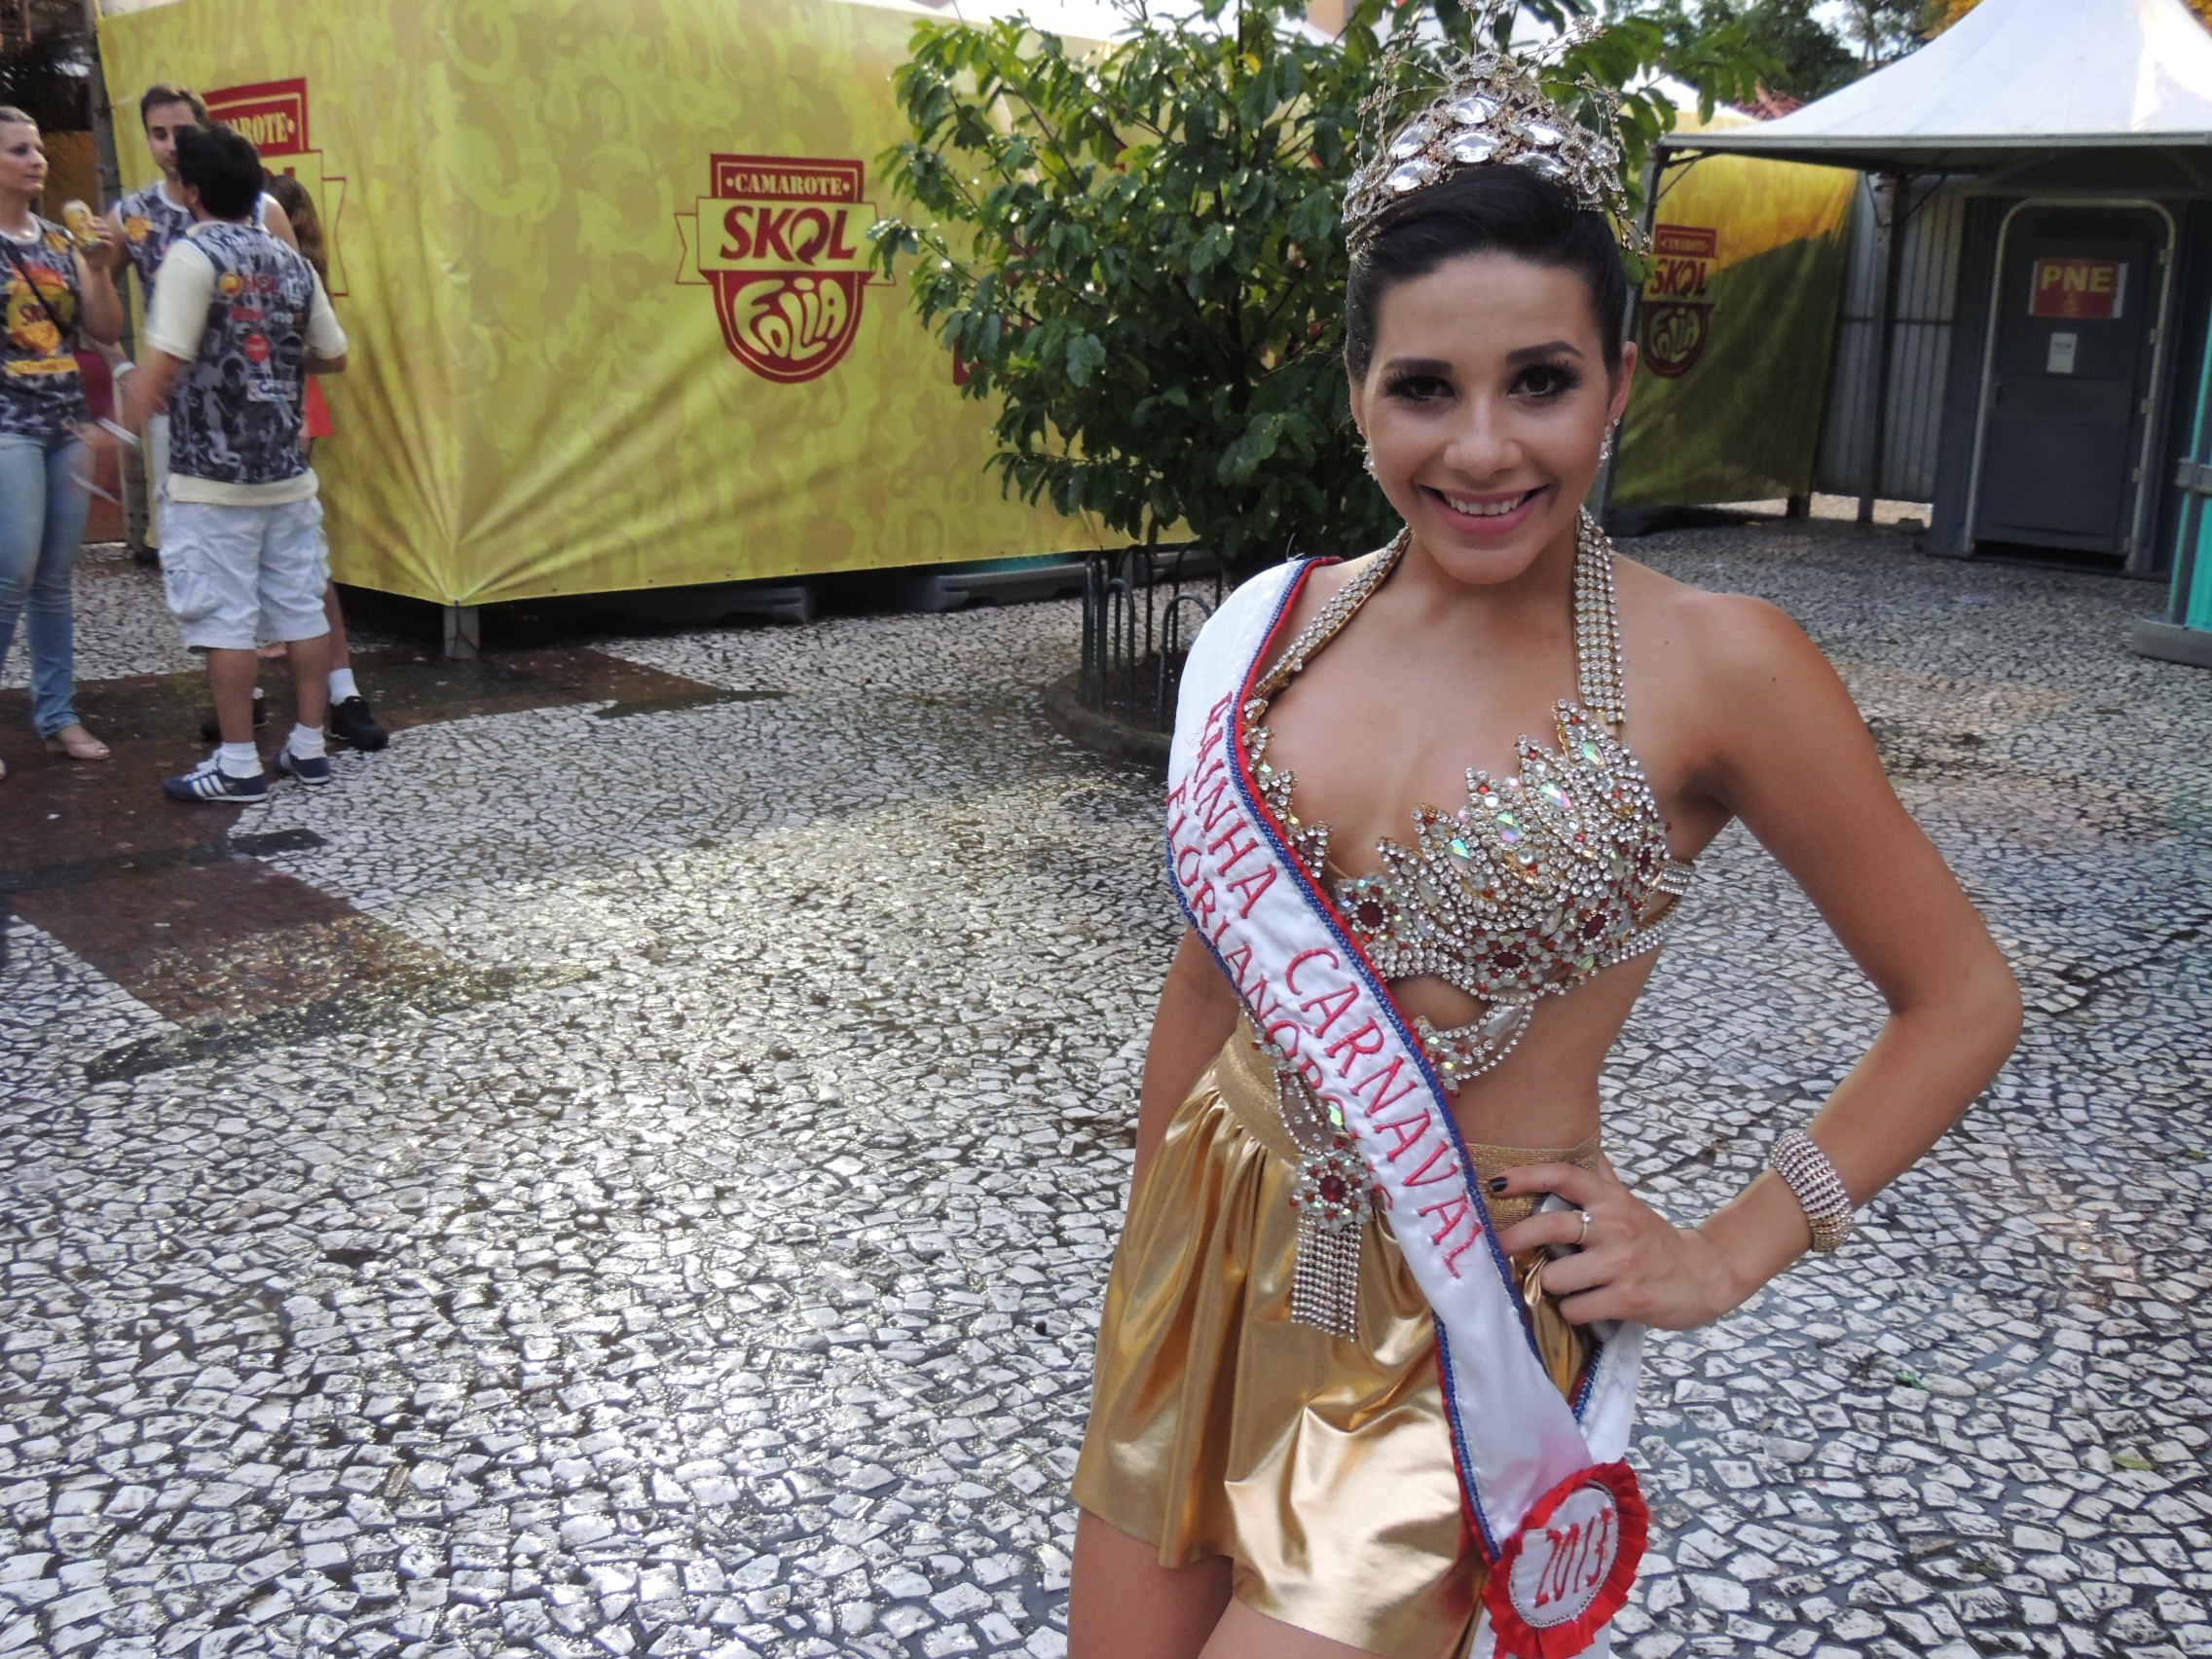 Rainha do carnaval de Florianólis